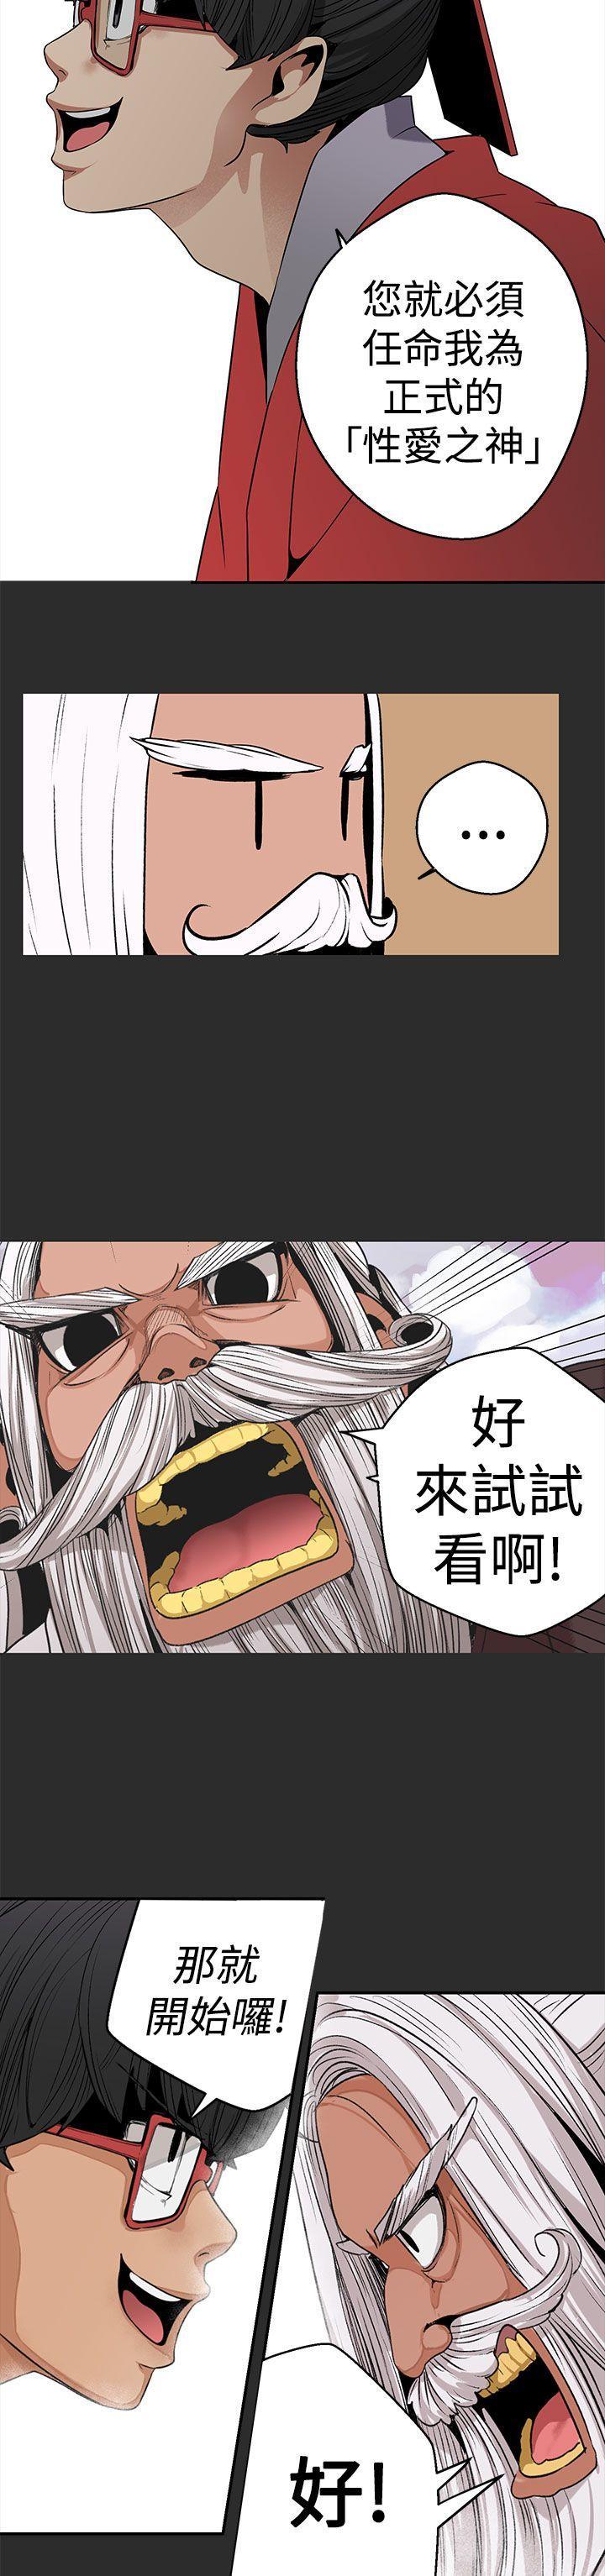 女神狩猎 第1~3話 [Chinese]中文 Harc 79